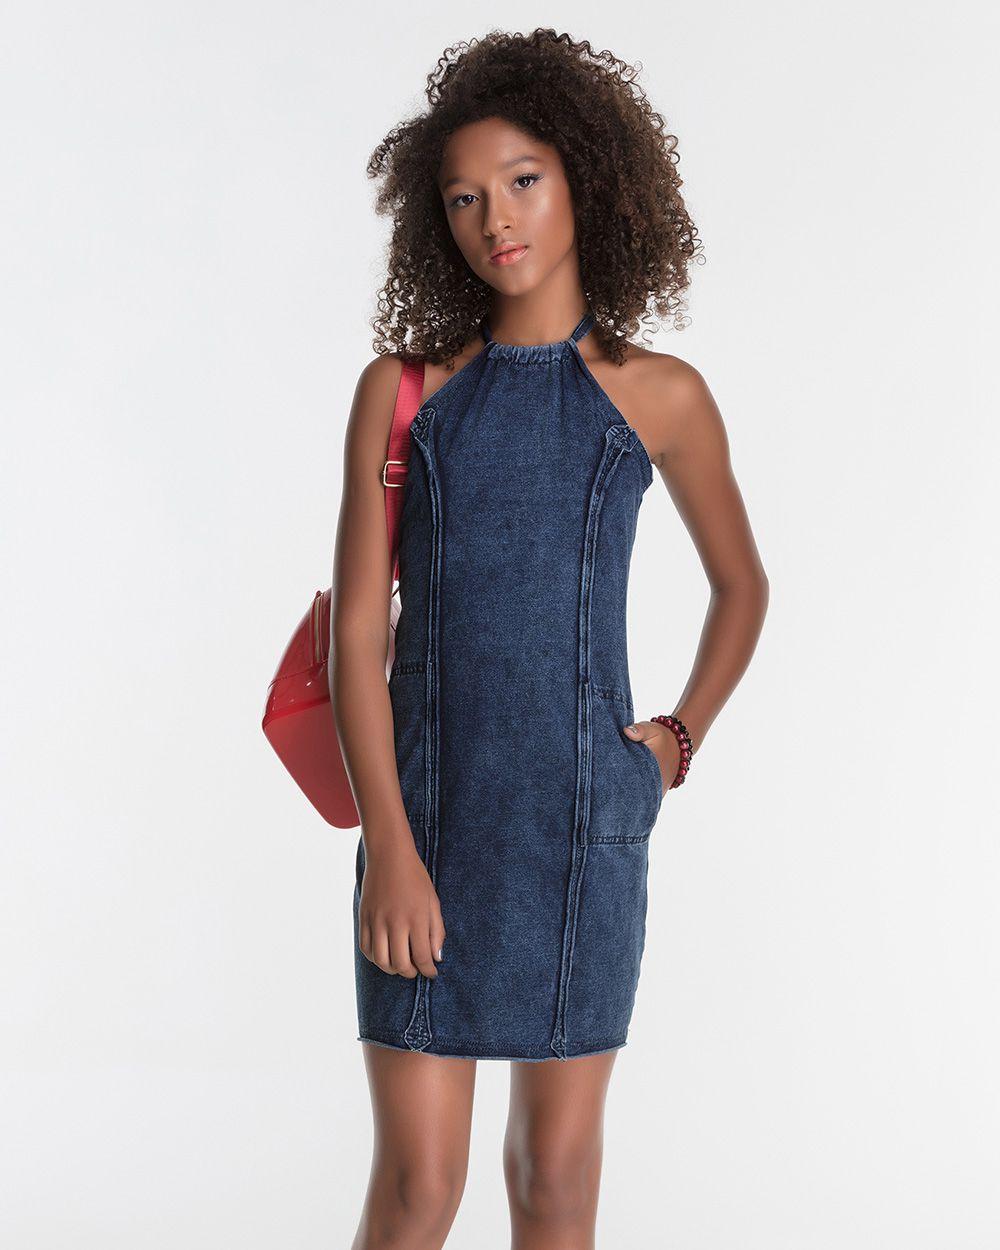 Vestido Menina Bobbylulu Trendy Jeans 20S333